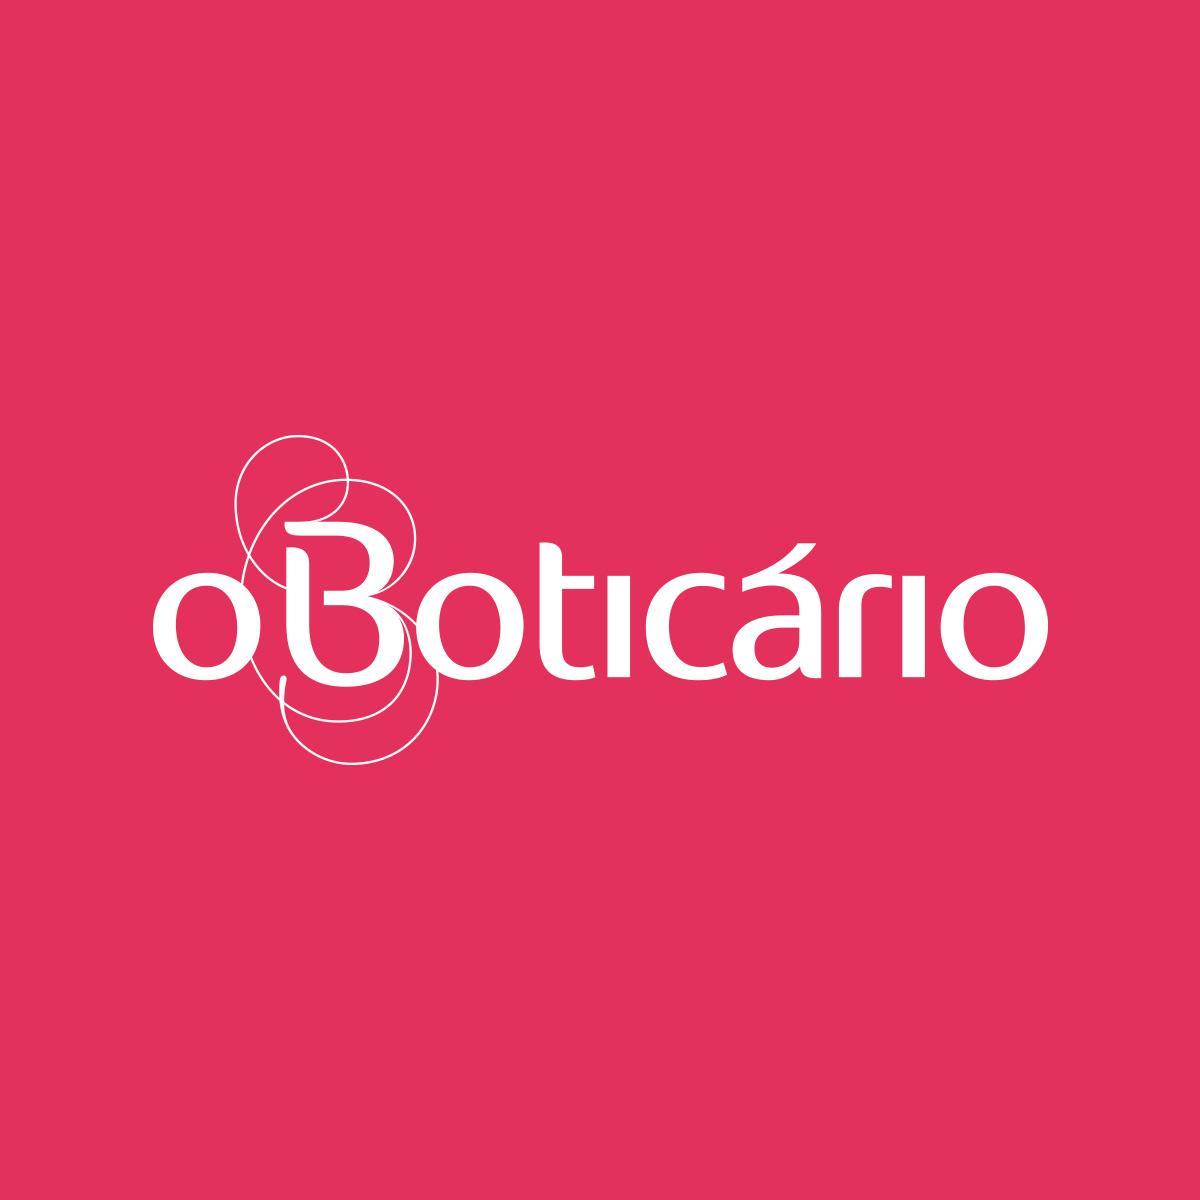 Dia das mães O boticário 2017 – Promoções, kits